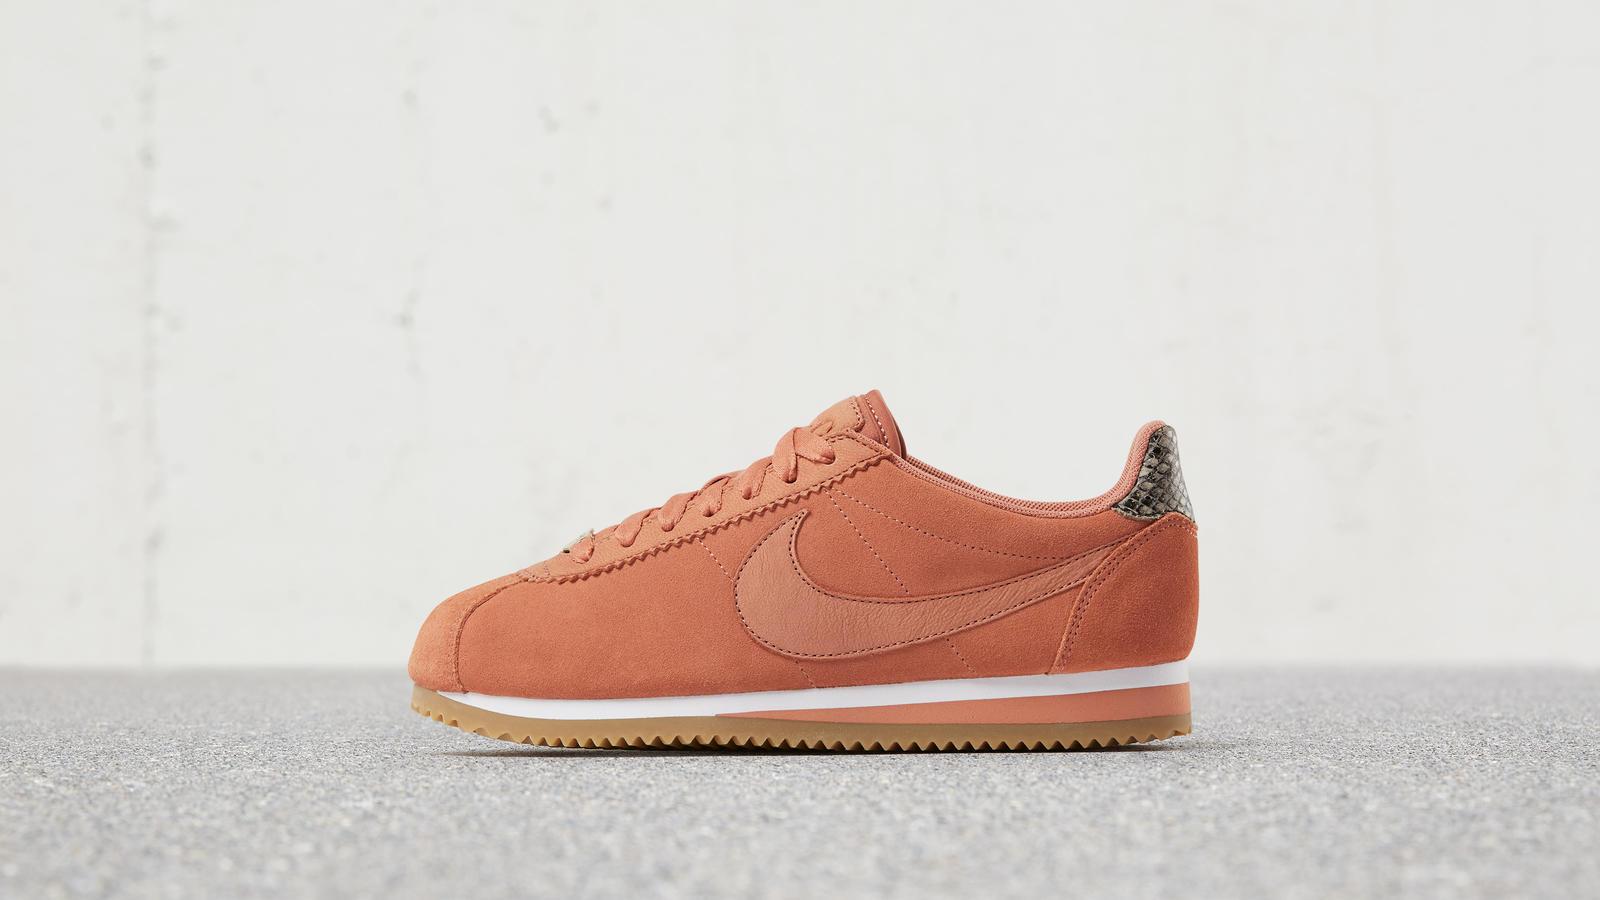 170519 footwear cortez alc pnk 0071 hd 1600